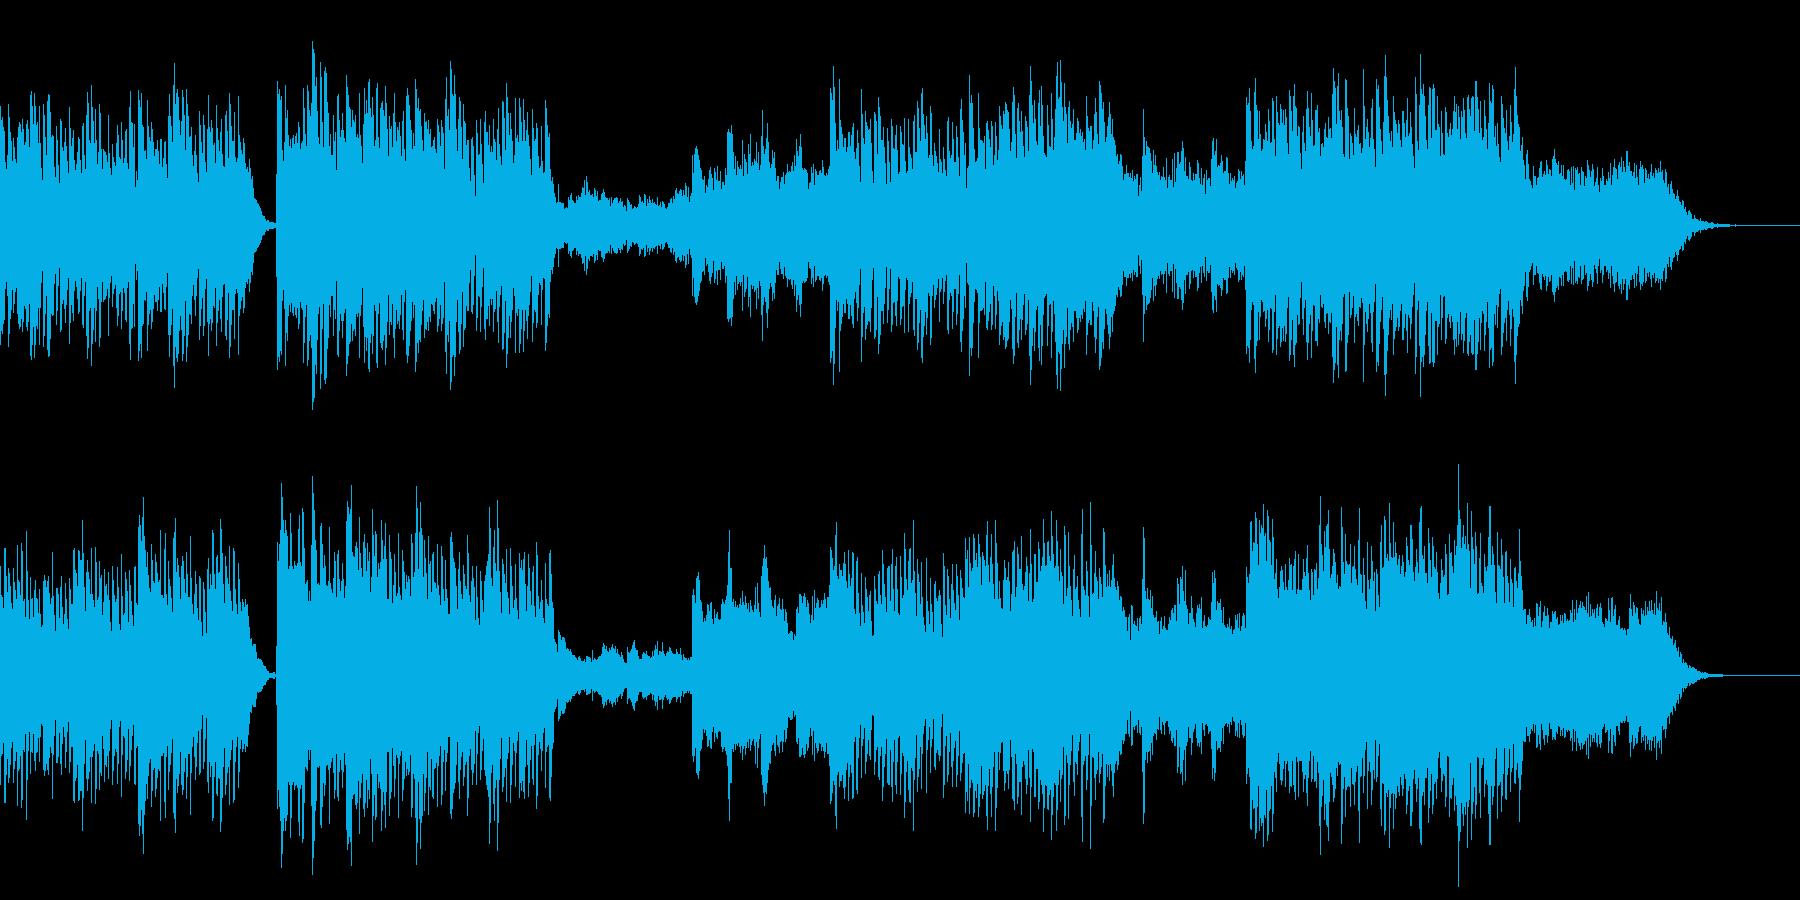 エステ、ヨガ、森、アンビエント、シタールの再生済みの波形